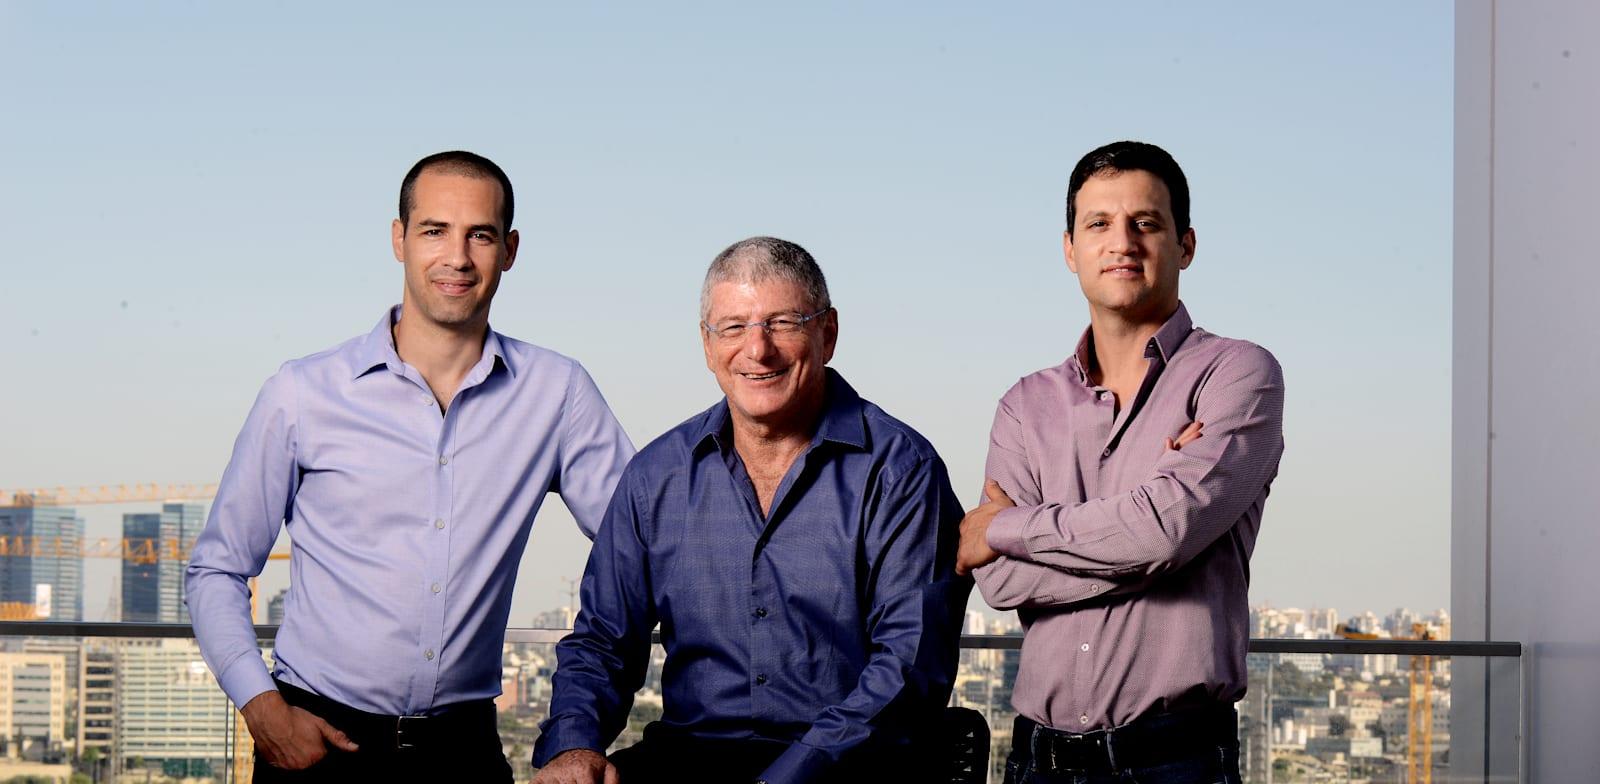 מימין לשמאל: עמית כוכבי, אליעזר שקדי ואופיר פלדי / צילום: איל יצהר